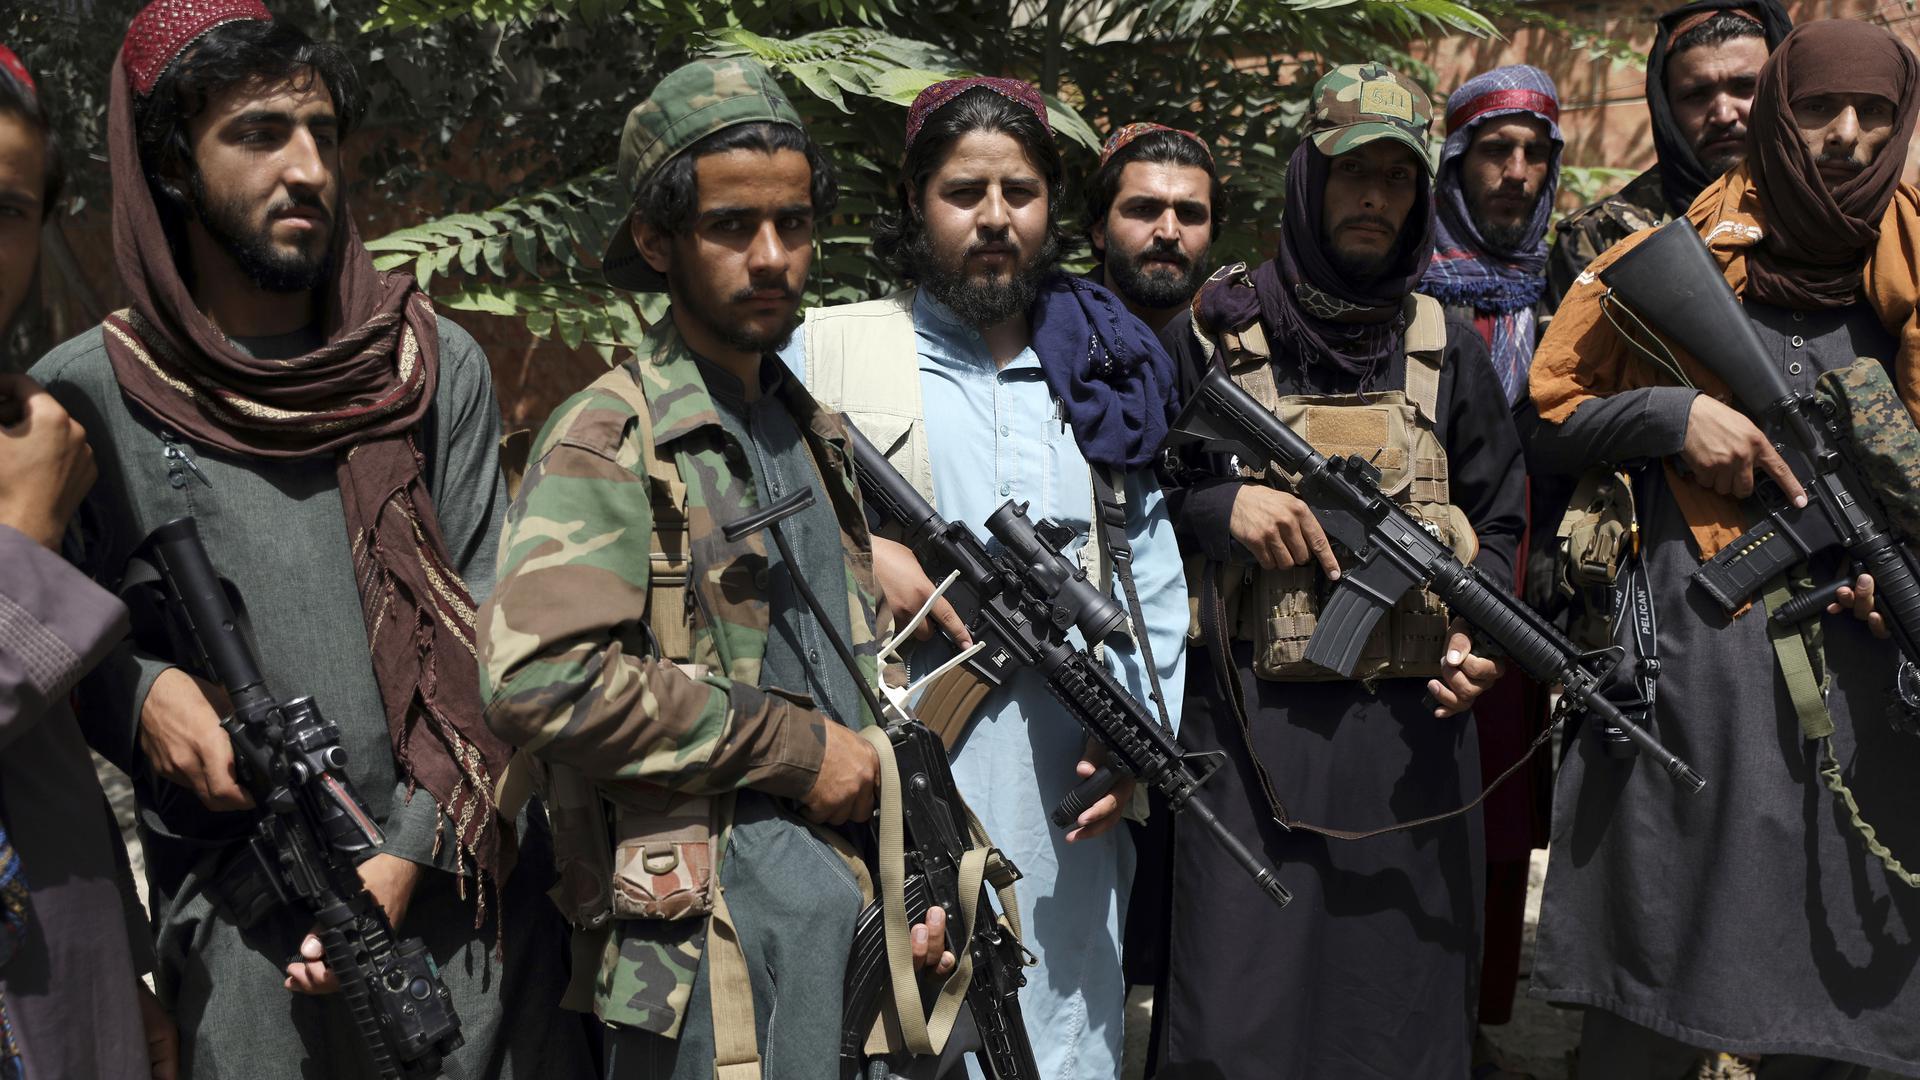 Taliban-Kämpfer stehen wir ein Foto zusammen im Viertel Wazir Akbar Khan. Die Taliban versichten am Dienstag, 17.08.2021, dass die Sicherheit von Botschaften und der Stadt Kabul gewährleistet sei, auch setzten sie sich für die Rechte von Frauen im Rahmen der islamischen Scharia ein. +++ dpa-Bildfunk +++